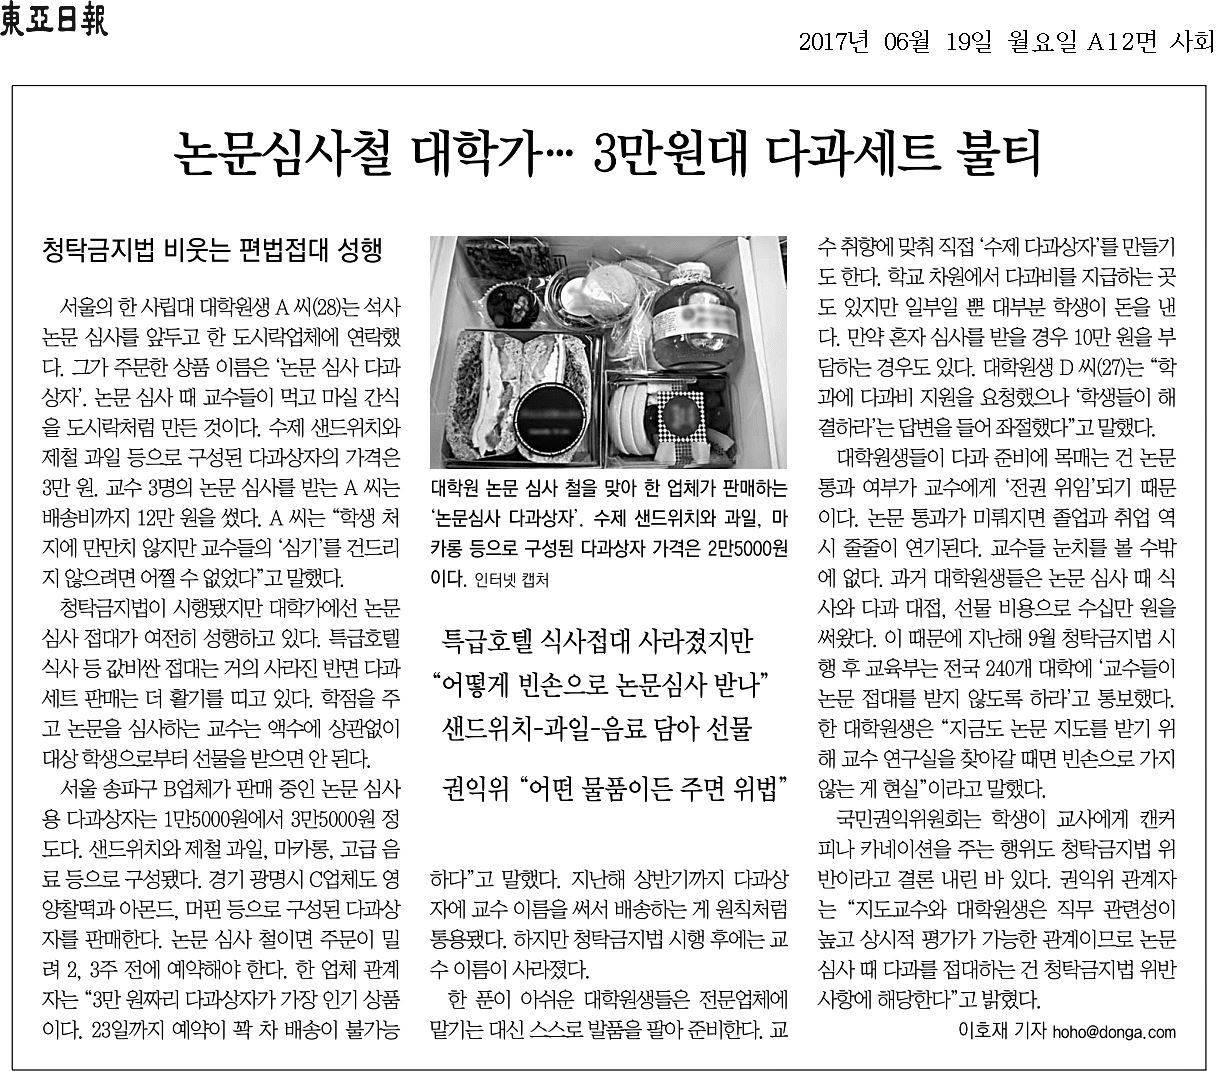 논문 심사 관련 청탁금지법 위반 사례 안내